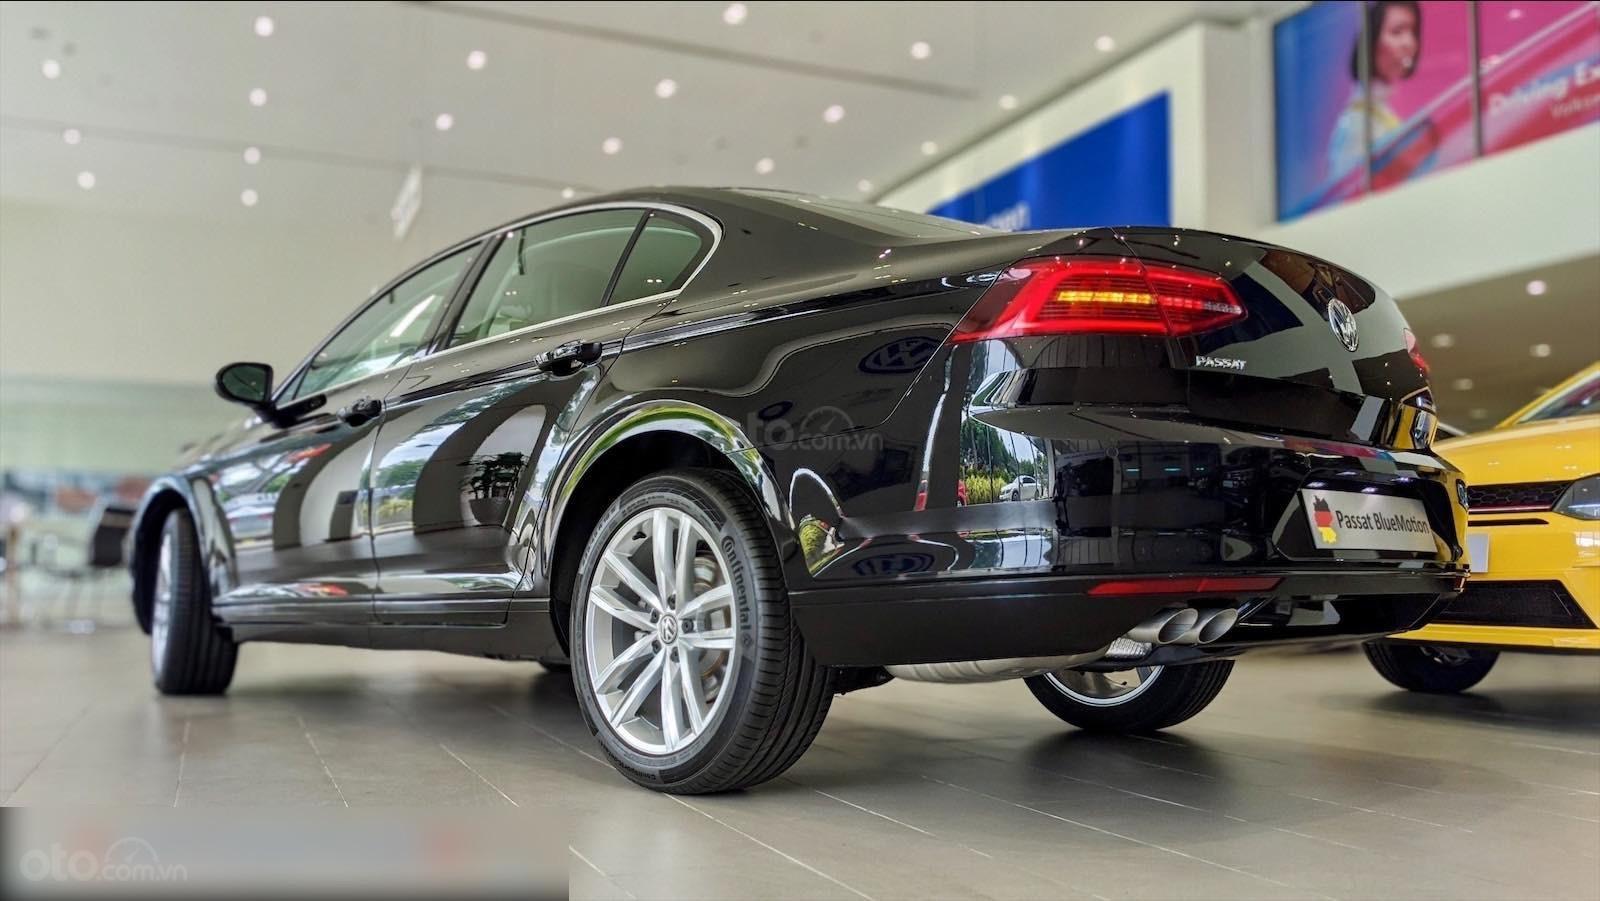 Còn 1 chiếc Passat Bluemotion 2020 màu đen duy nhất - mua xe nhập giá bất ngờ - liên hệ Mr Hùng Lâm VW Sài Gòn (1)